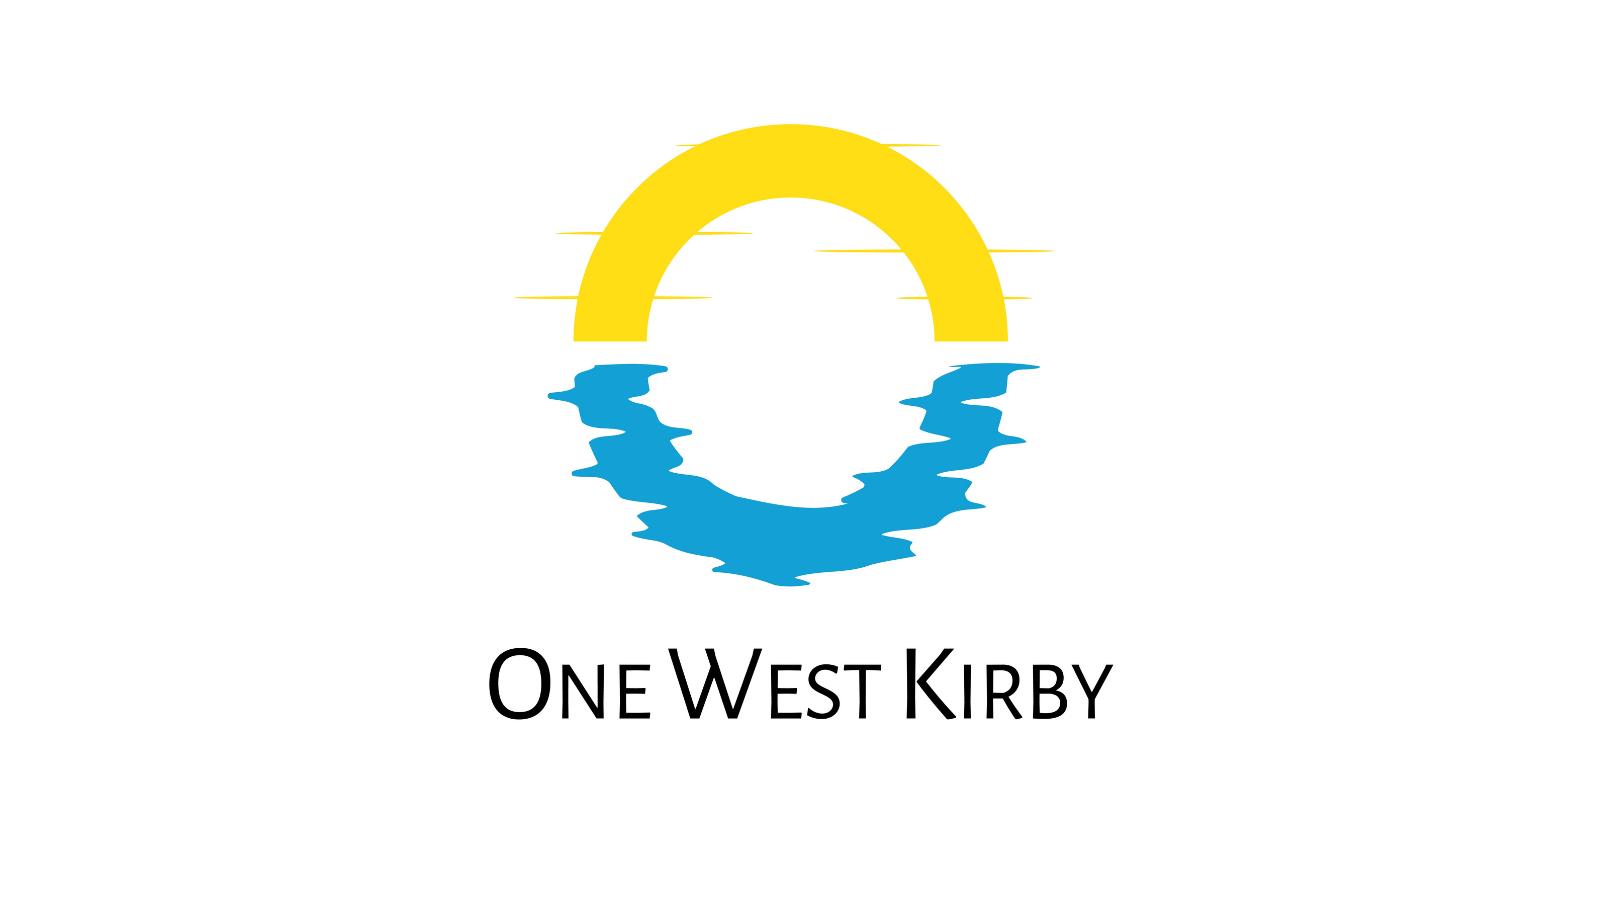 One West Kirby logo